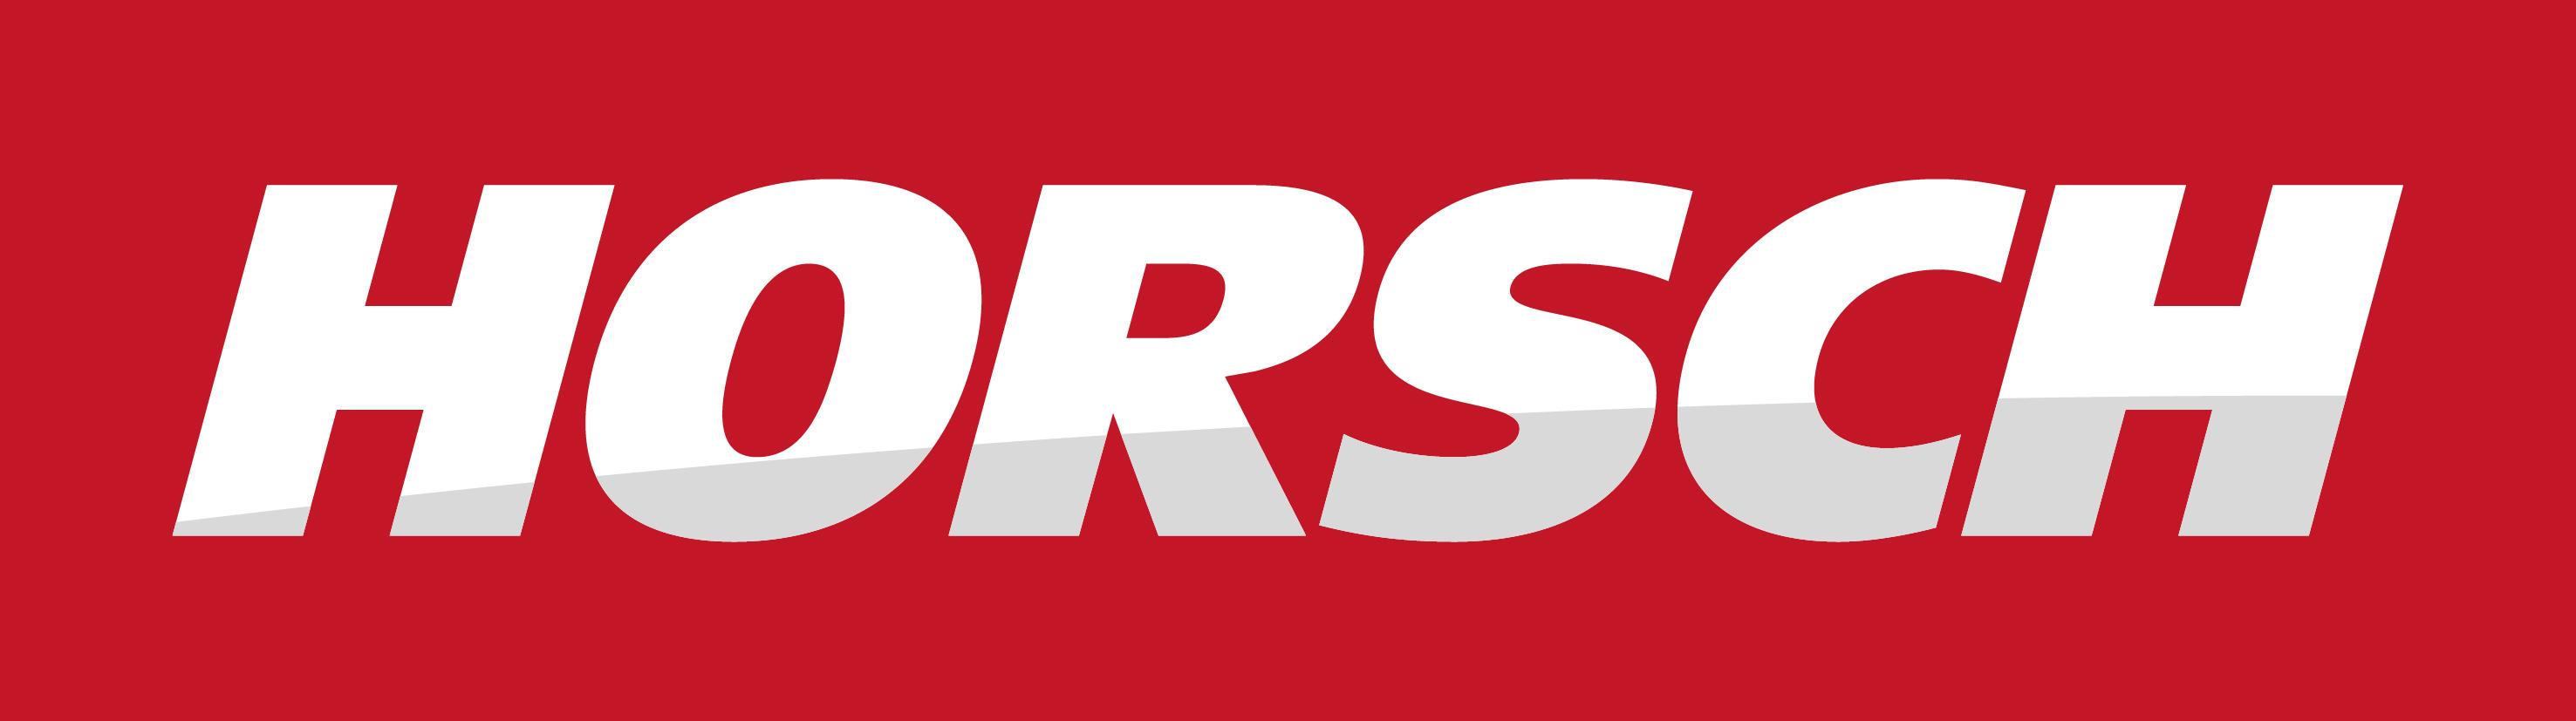 weiss auf weiss, file:horsch logo bogen weiss auf rot - wikimedia commons, Innenarchitektur